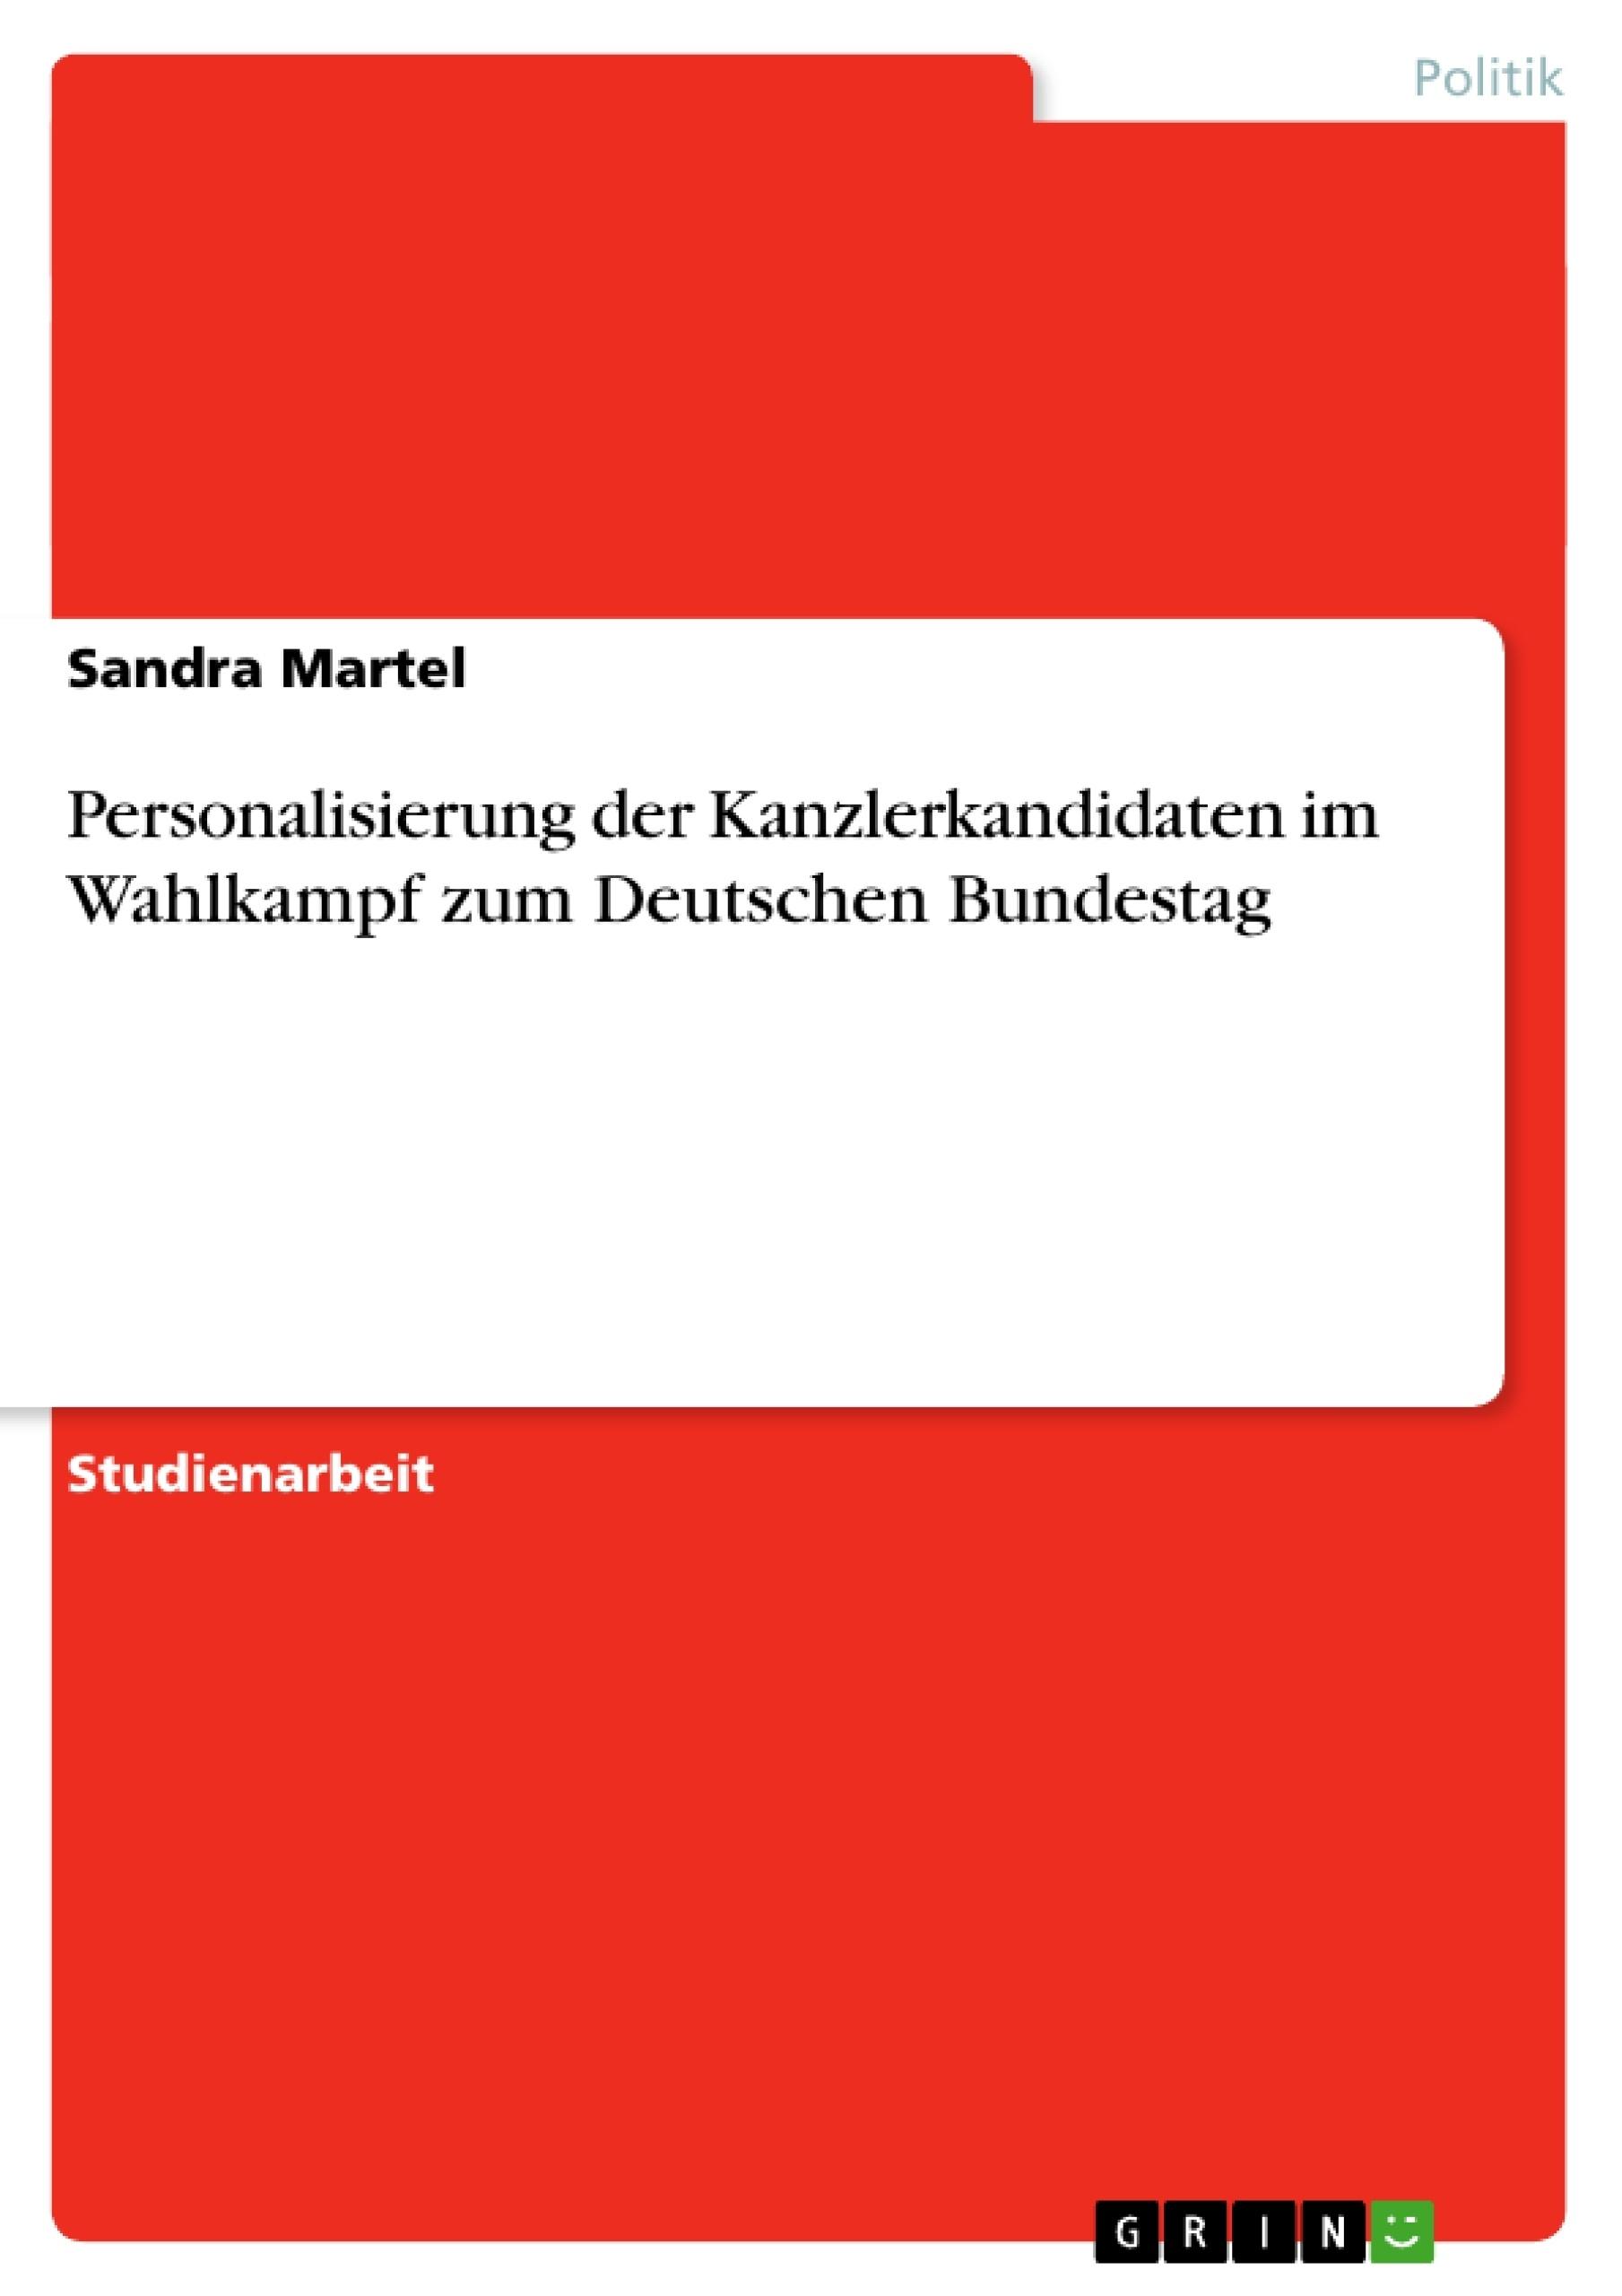 Titel: Personalisierung der Kanzlerkandidaten im Wahlkampf zum Deutschen Bundestag